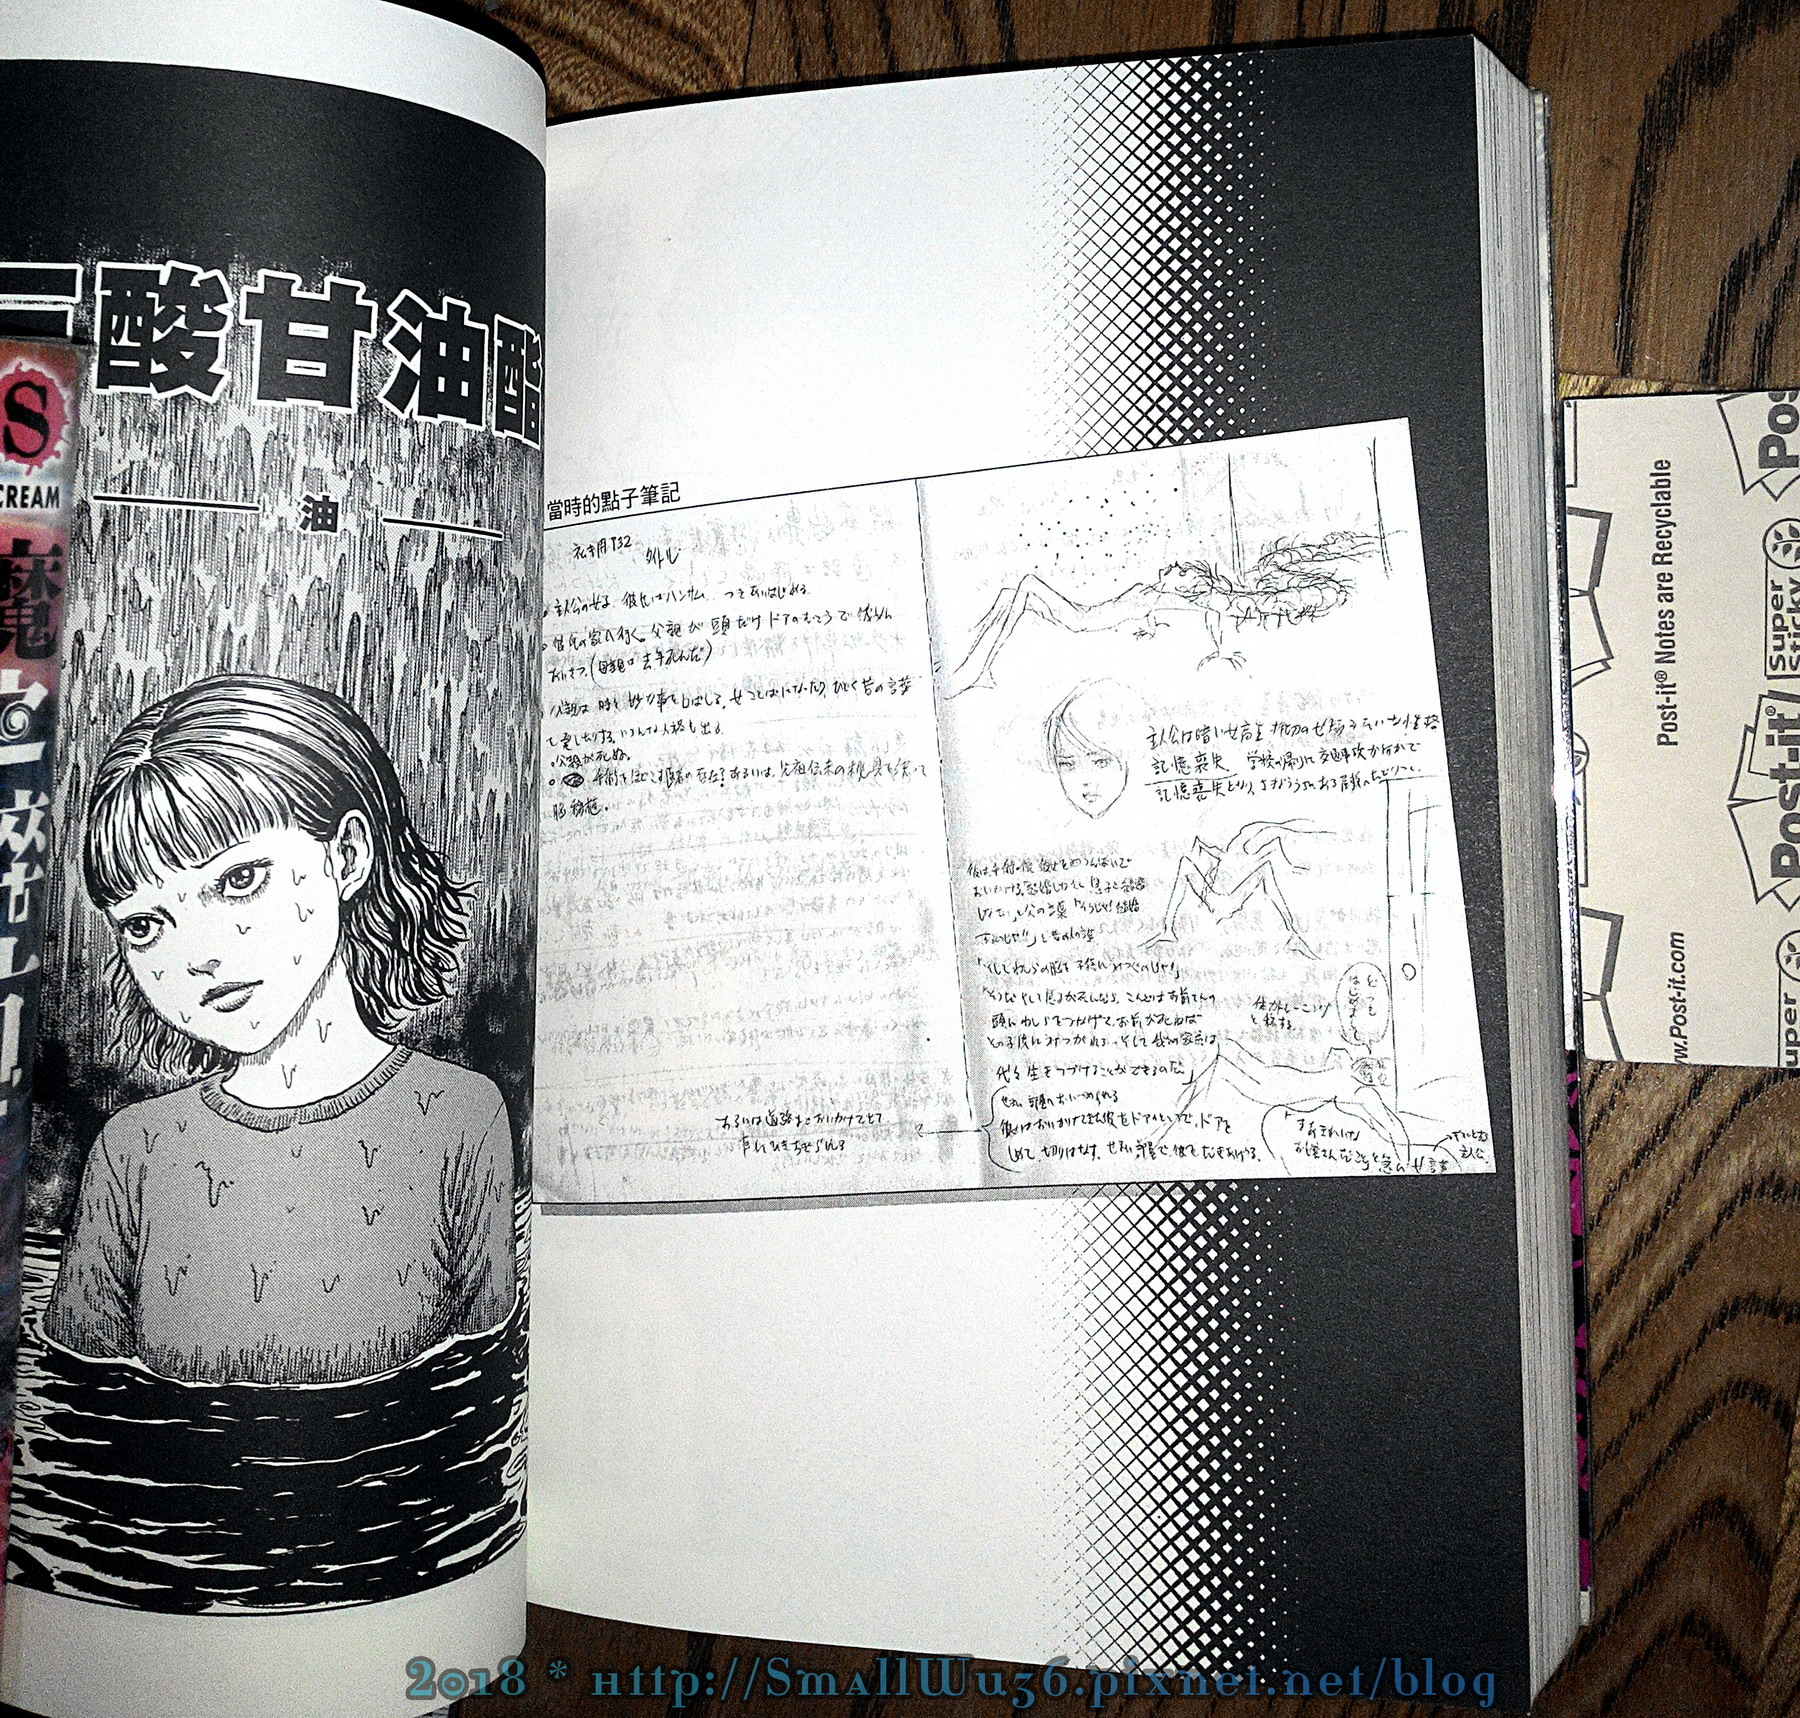 伊藤潤二 漫畫單行本 -001.jpg